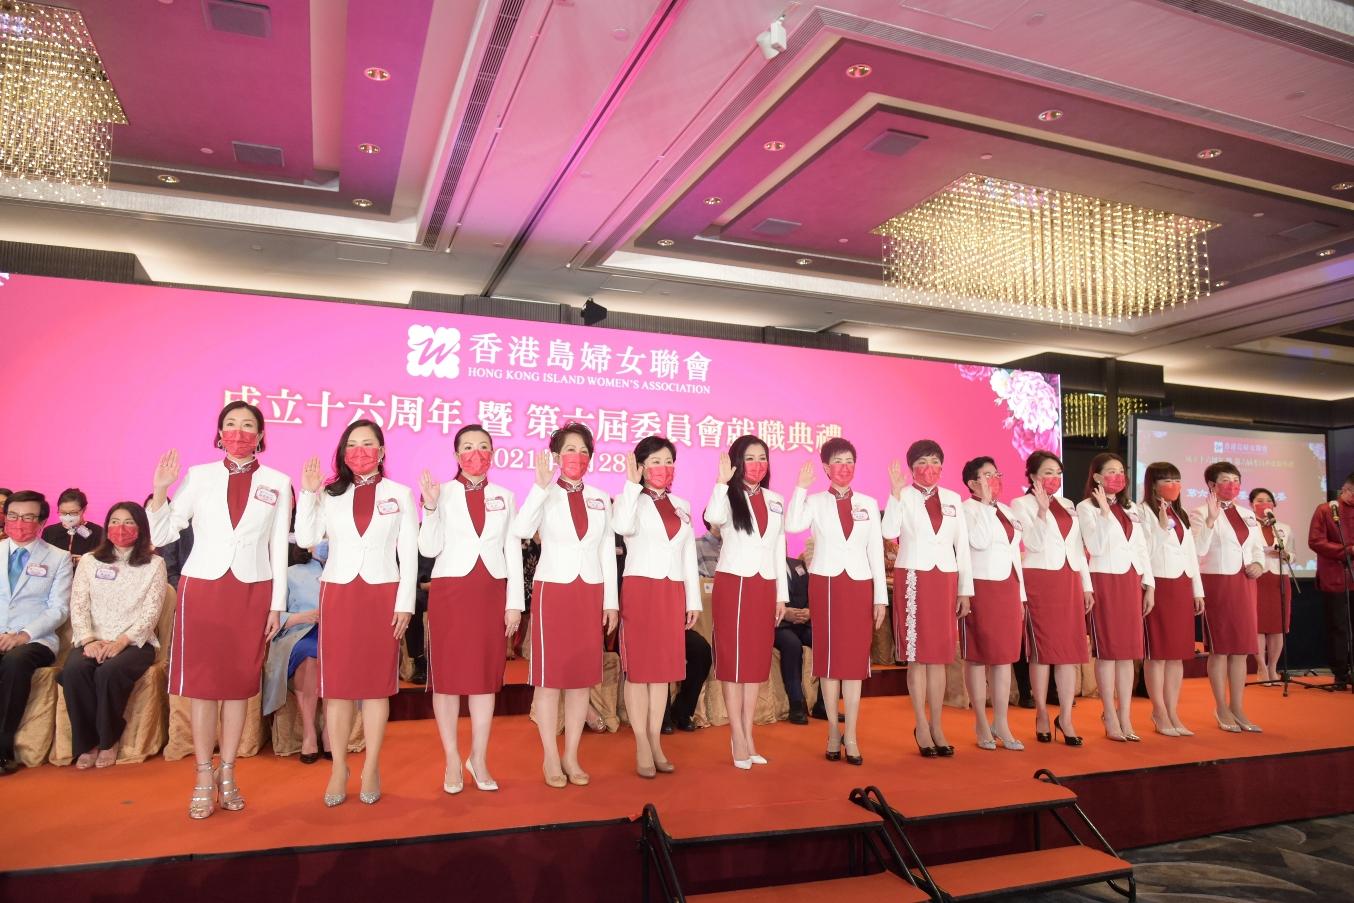 香港島婦女聯會第六屆委員會主席金鈴女士帶領眾委員宣辭就任。.JPG